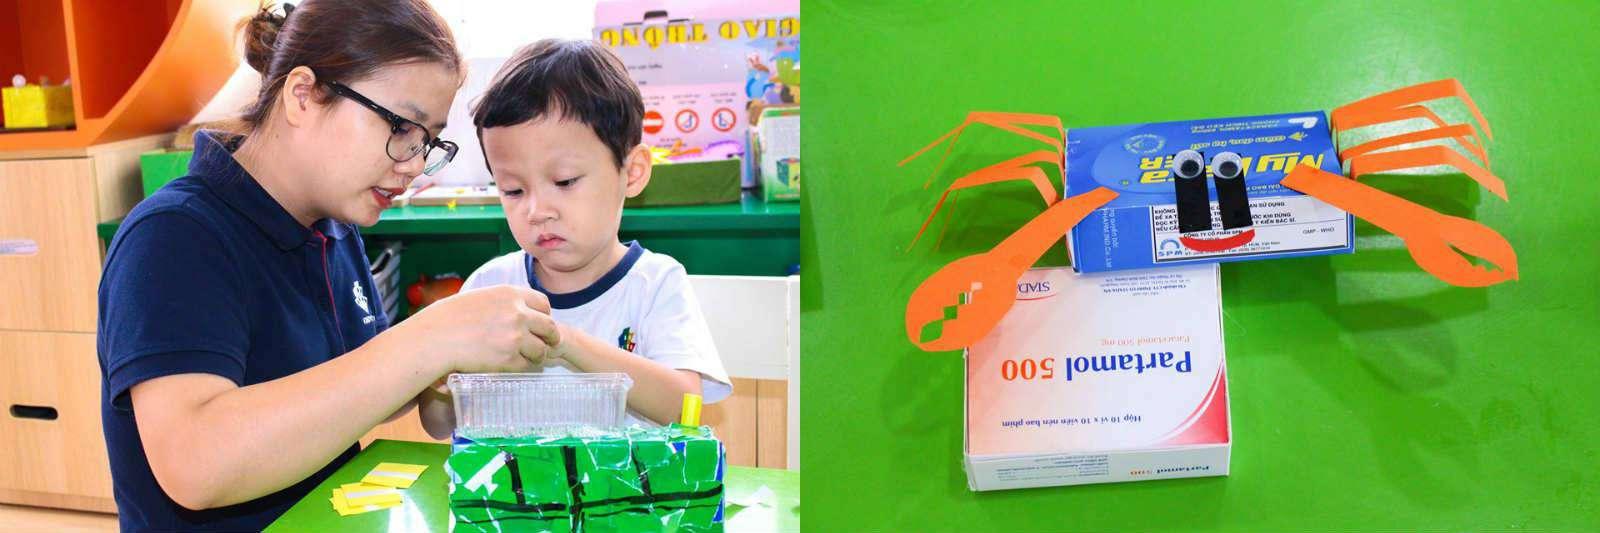 Trẻ Kindy City sáng tạp với những chiếc hộp